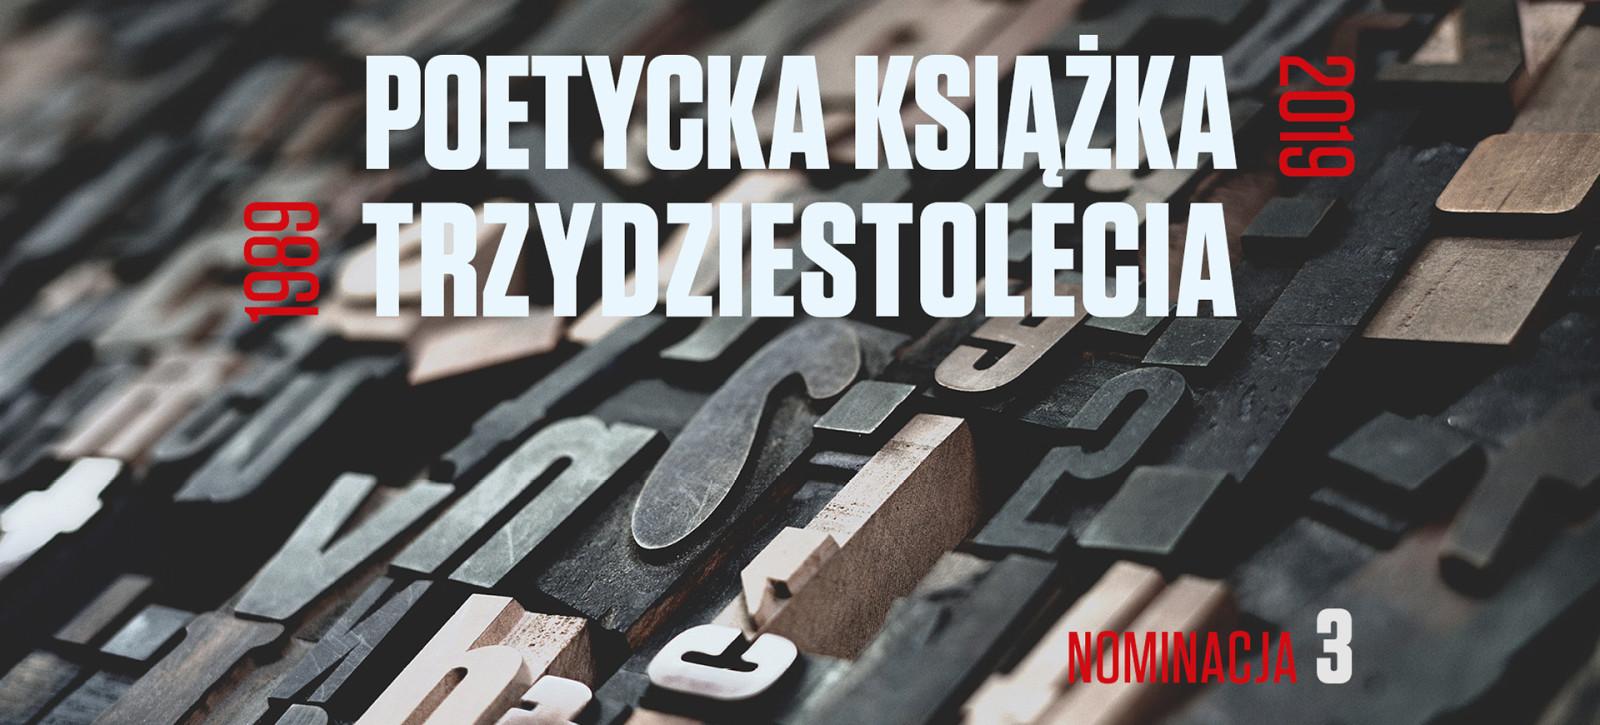 16_DEBATY__Przemysław_ROJEK__Poetycka książka trzydziestolecia